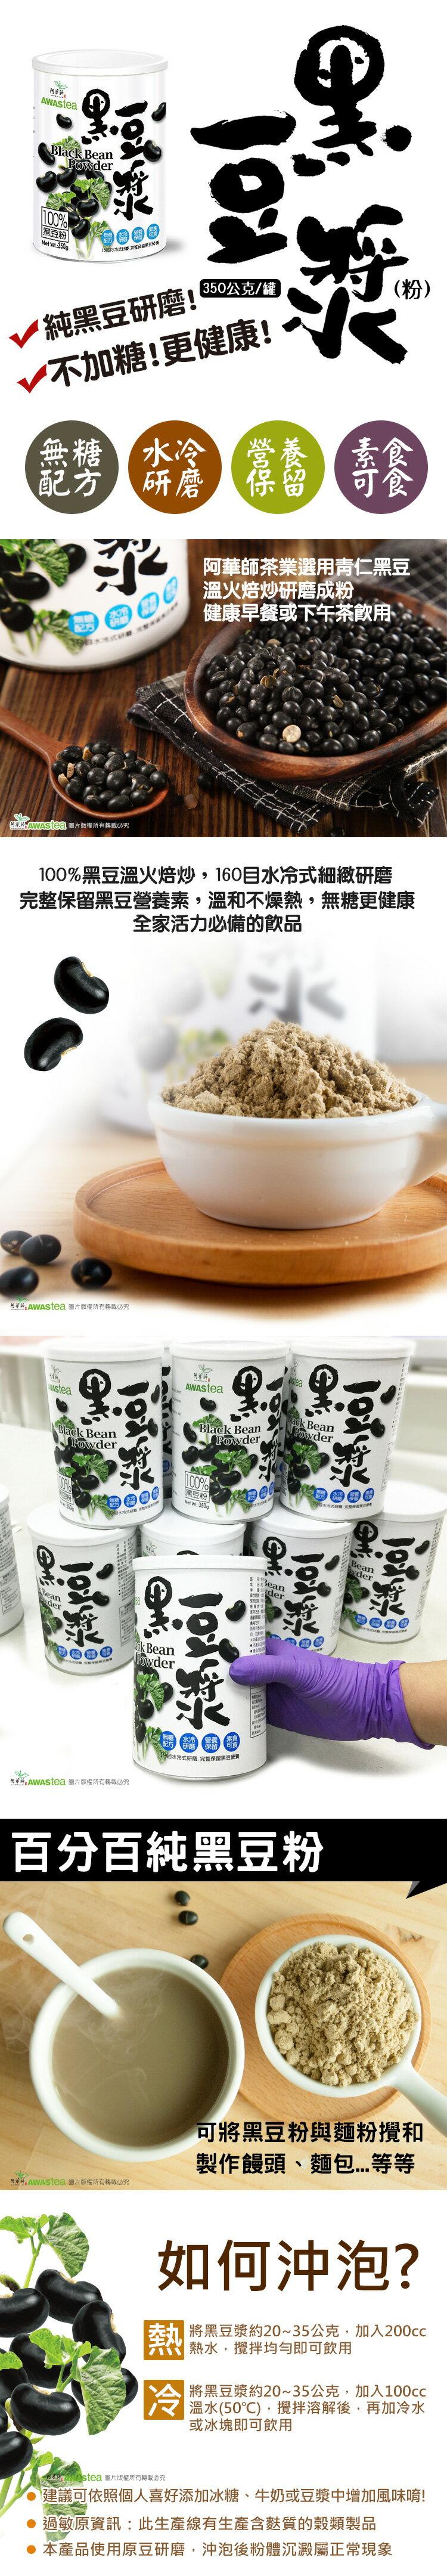 『121婦嬰用品館』阿華師 黑豆漿(350g/罐)粉 1